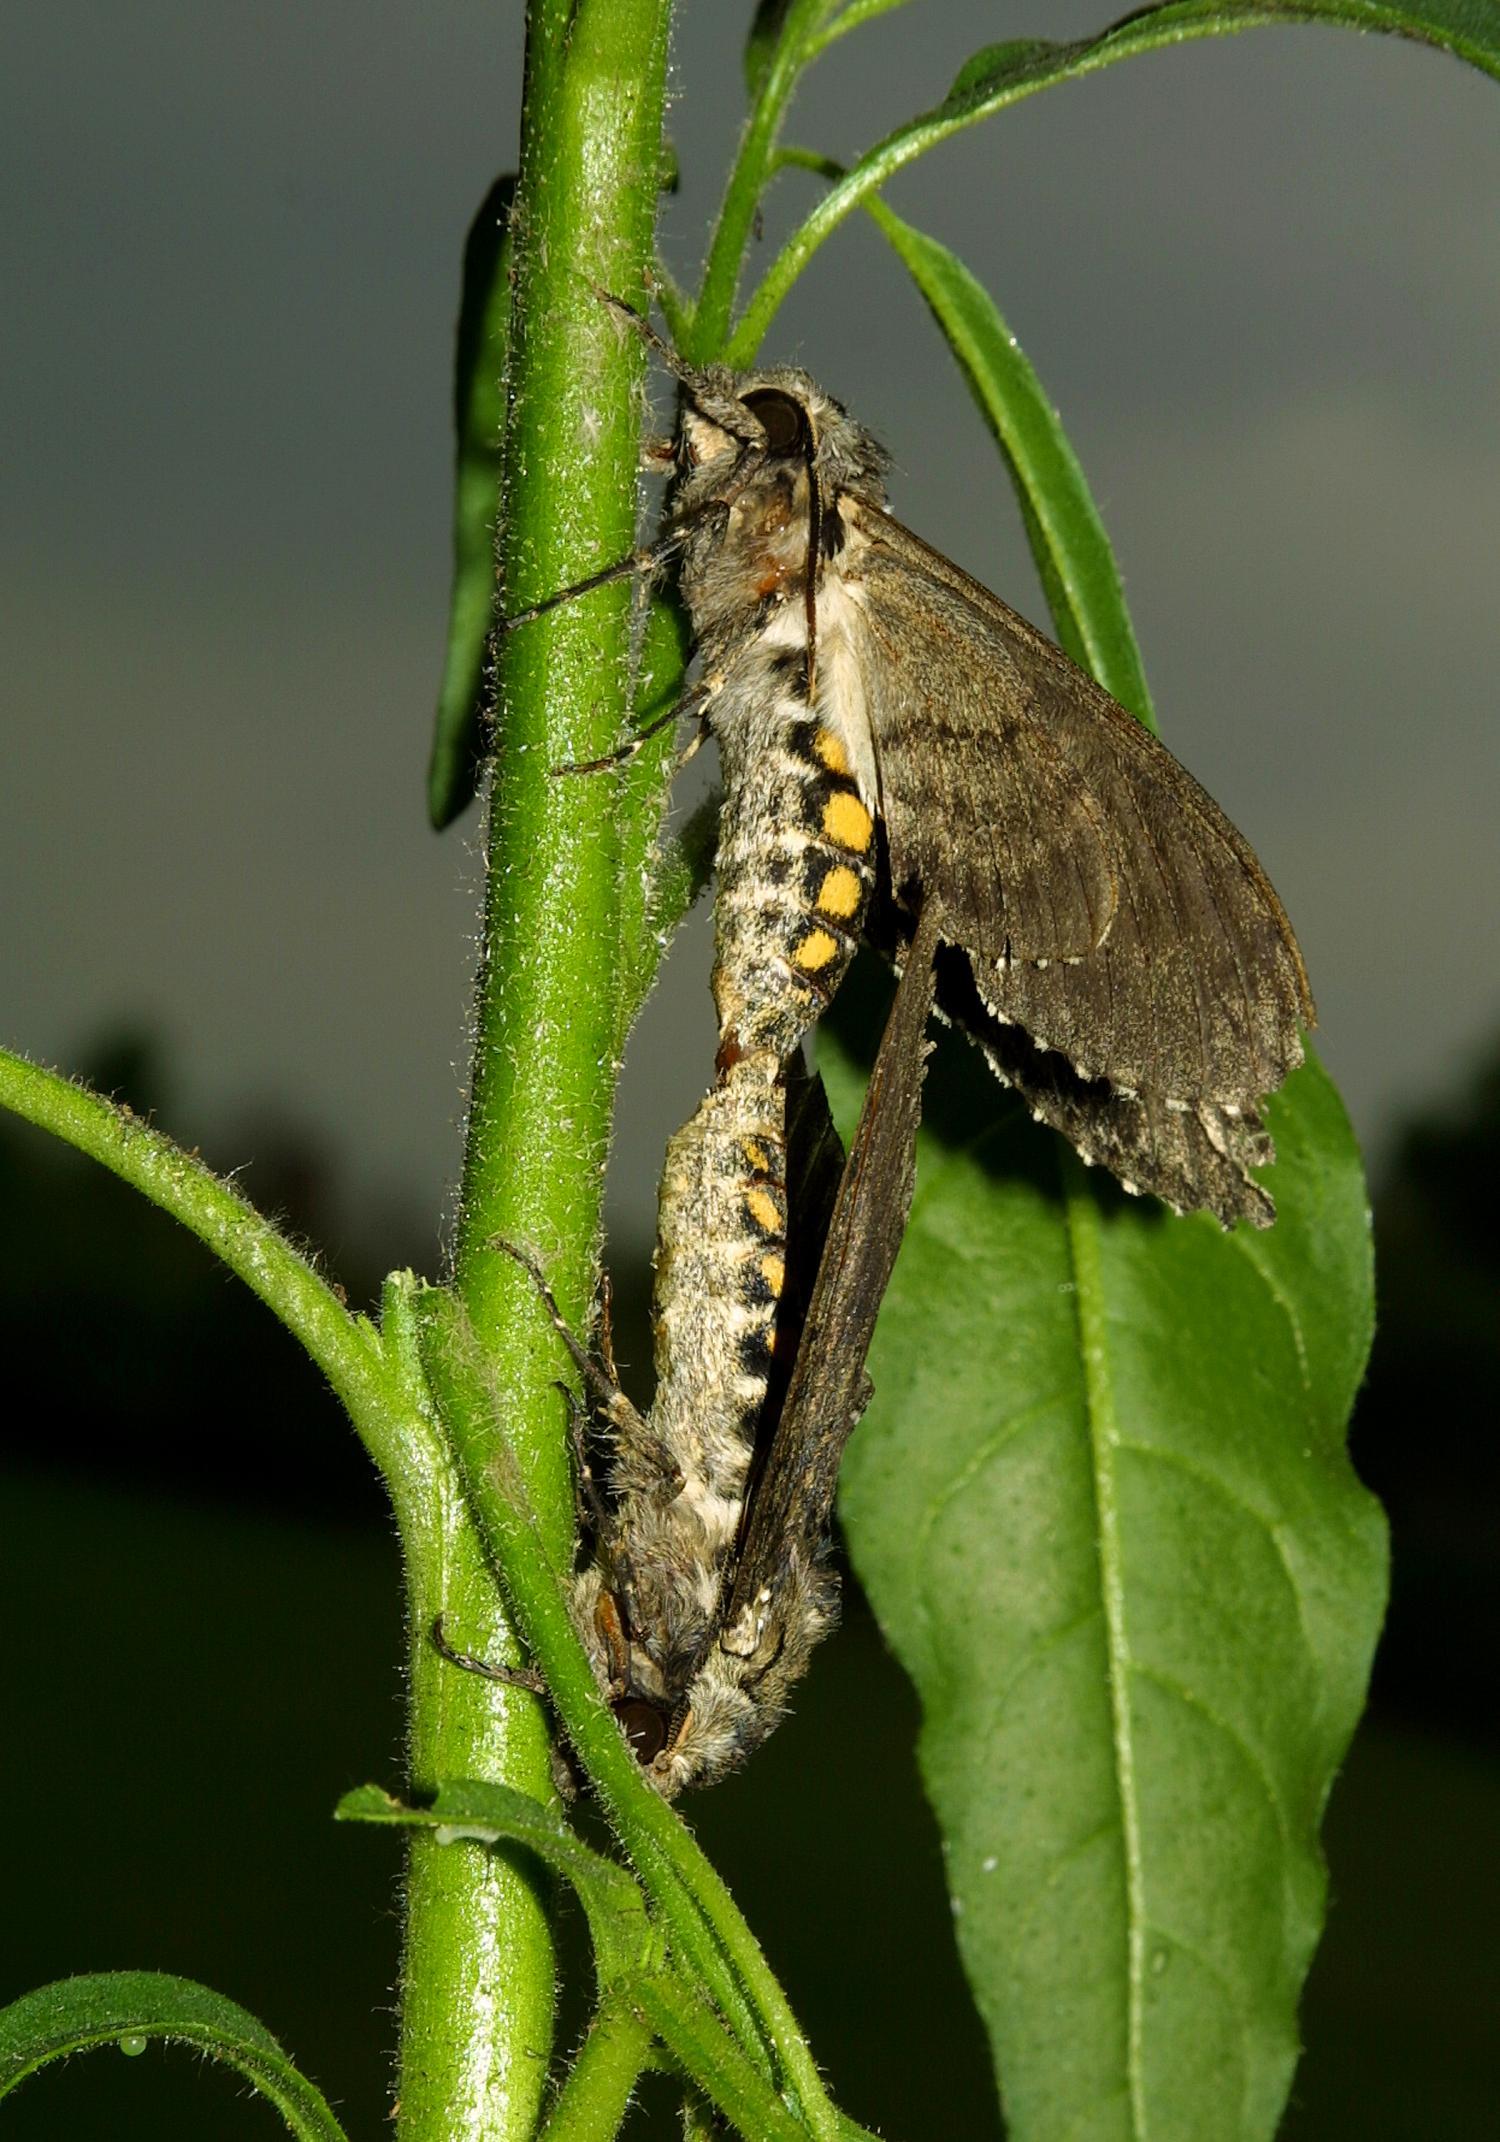 Manduca sexta moths mating. Credit: Danny Kessler / Max Planck Institute  for Chemical Ecology